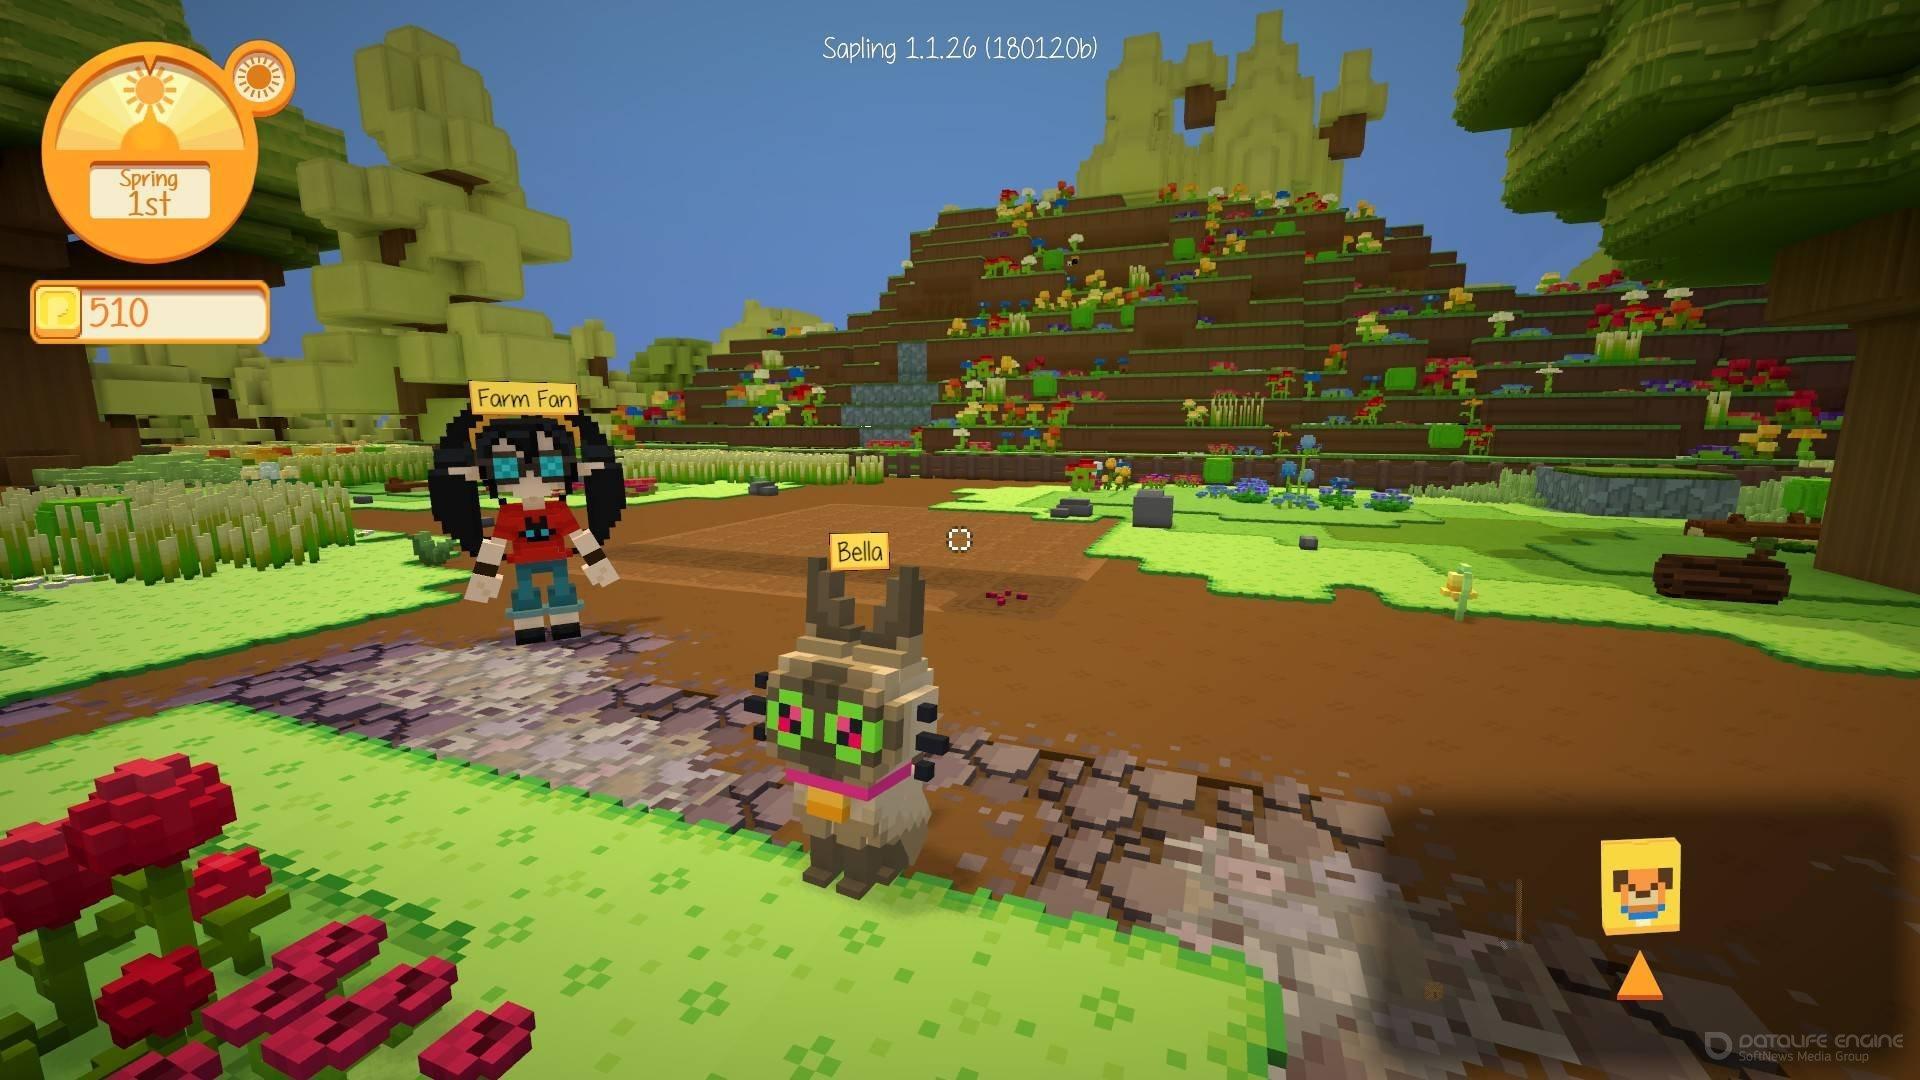 Скриншот к игре Staxel v.1.4.43 [GOG] (2019) скачать торрент Лицензия